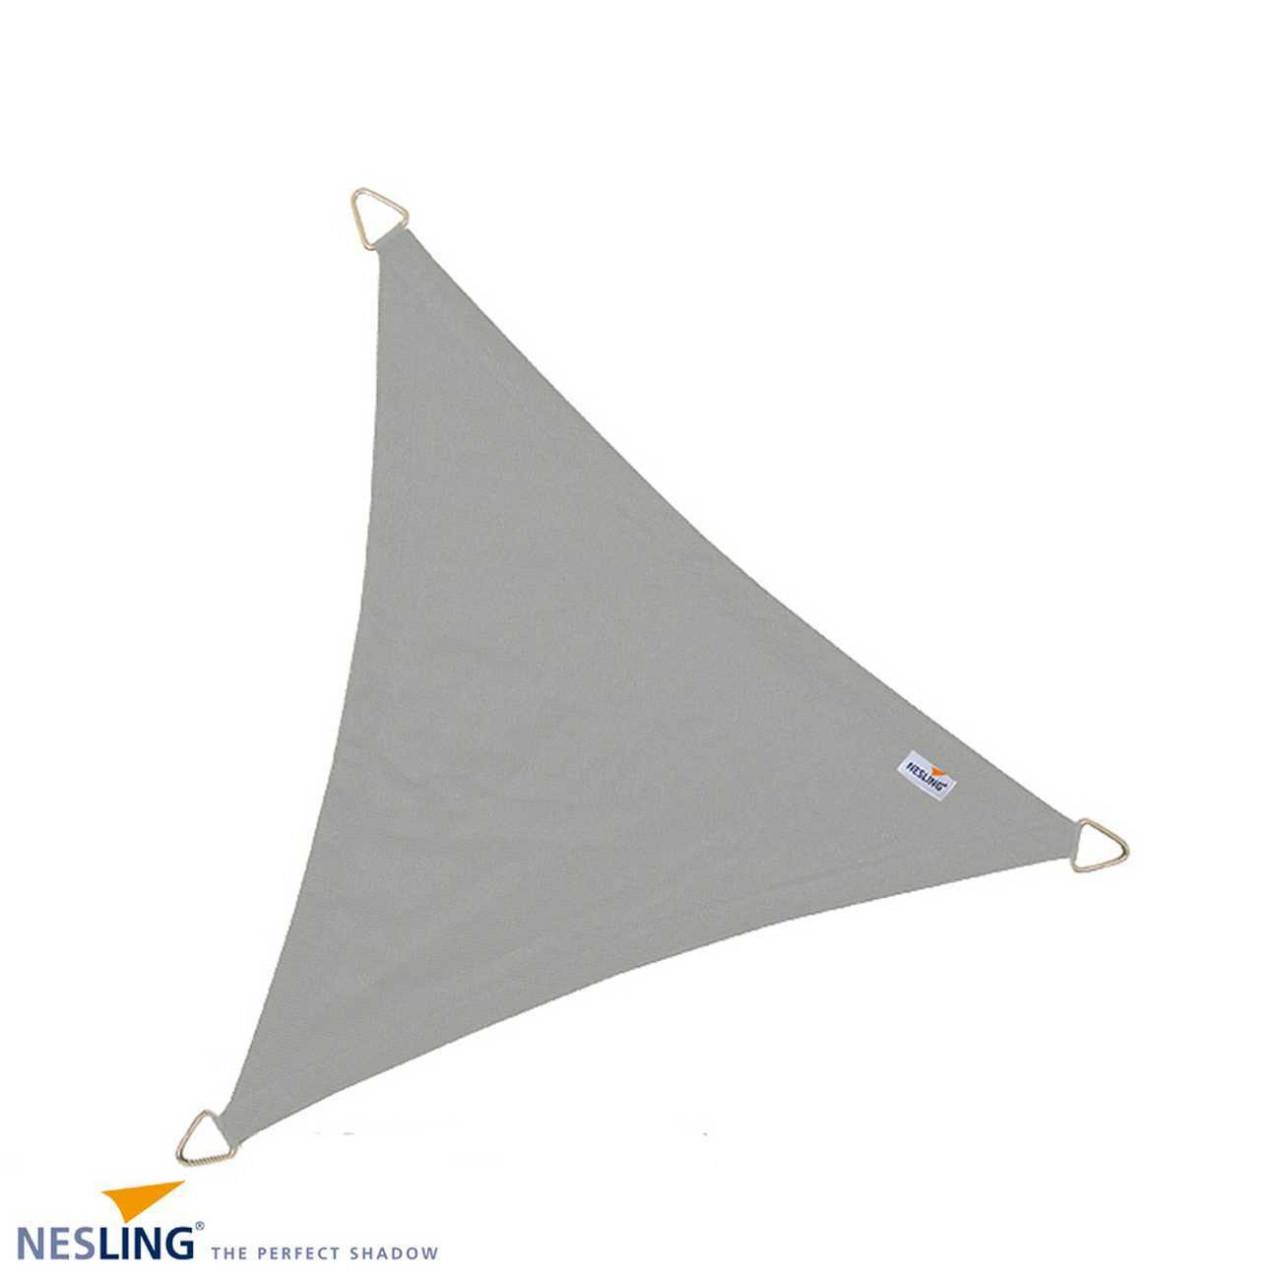 wasserabweisendes Sonnensegel Dreieck 400x400x400 cm